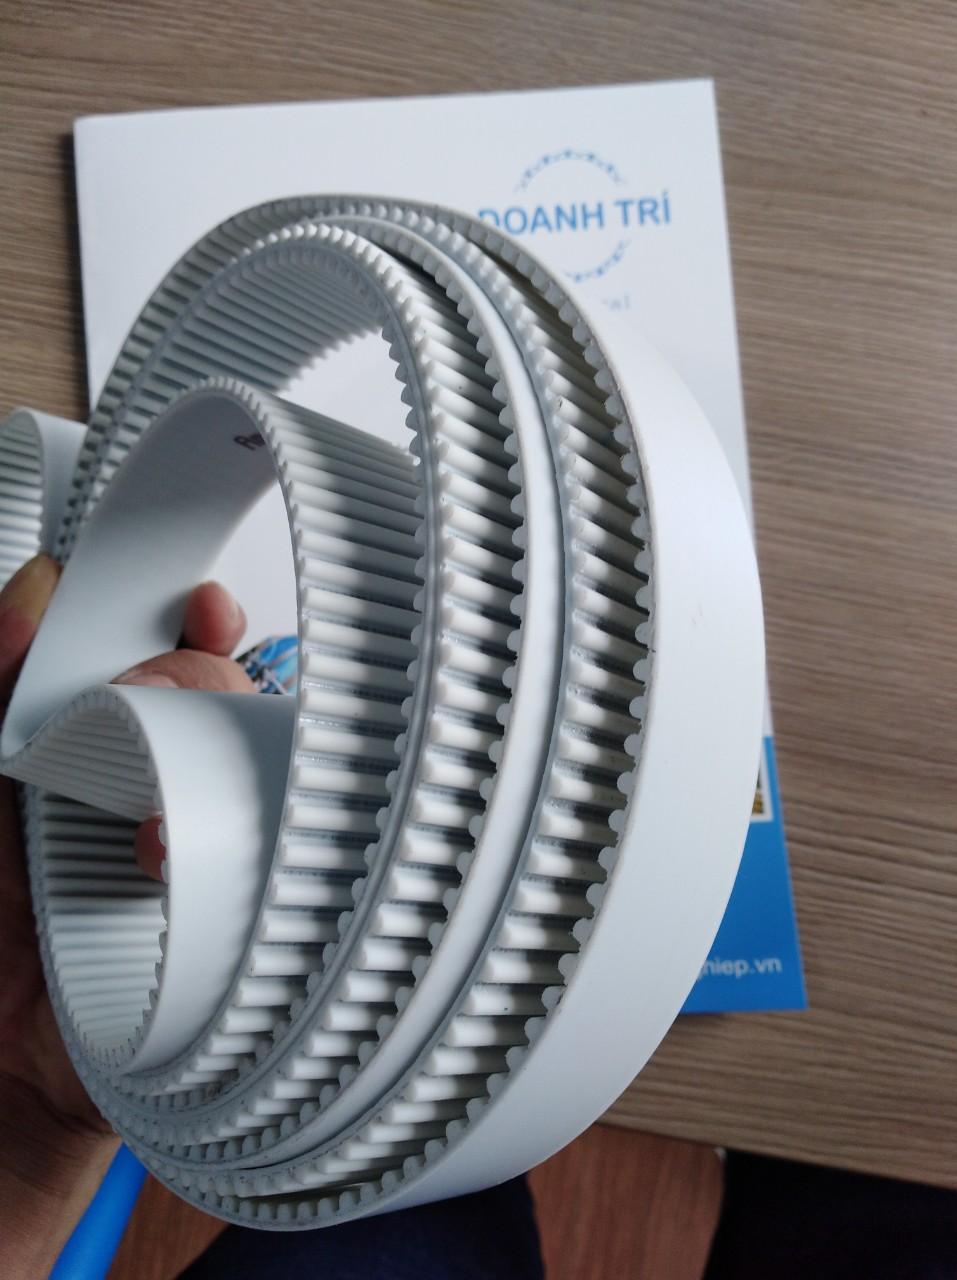 Dây curoa răng PU nối tròn S5M-5M-30-3500 lõi thép